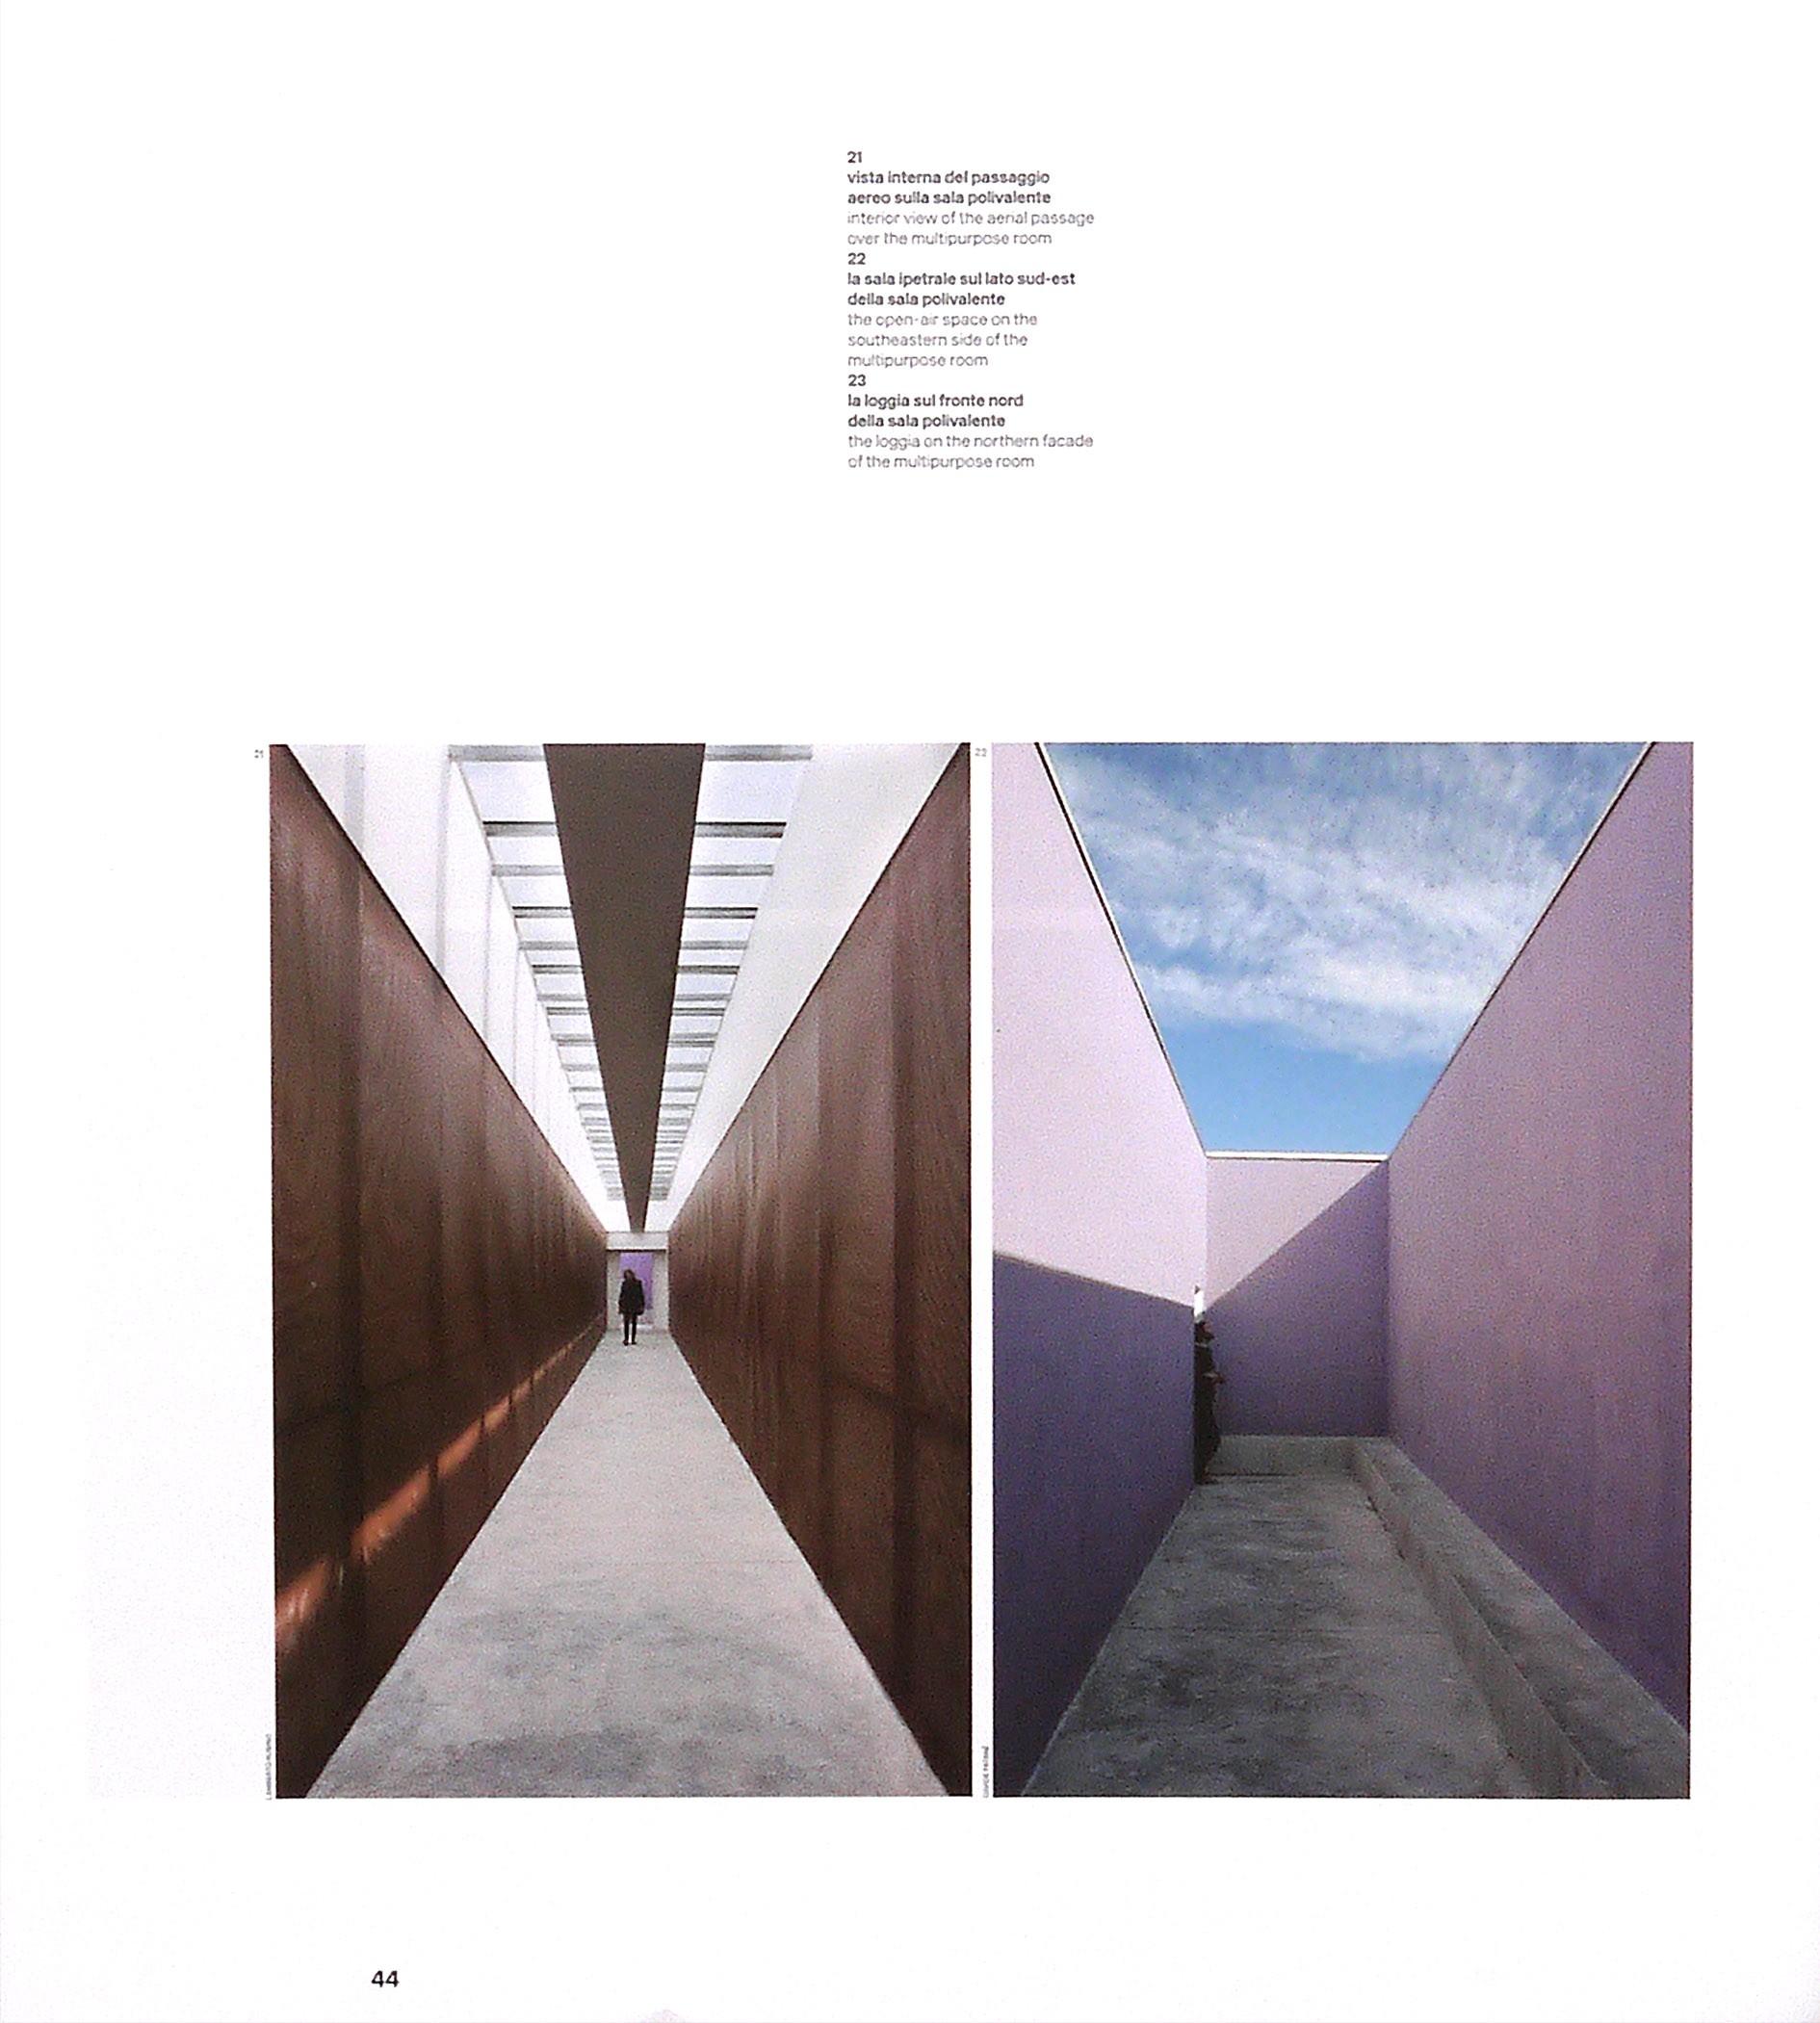 Casabella 804. Arch. Emanuele Fidone - Centro Polivalente, Modica